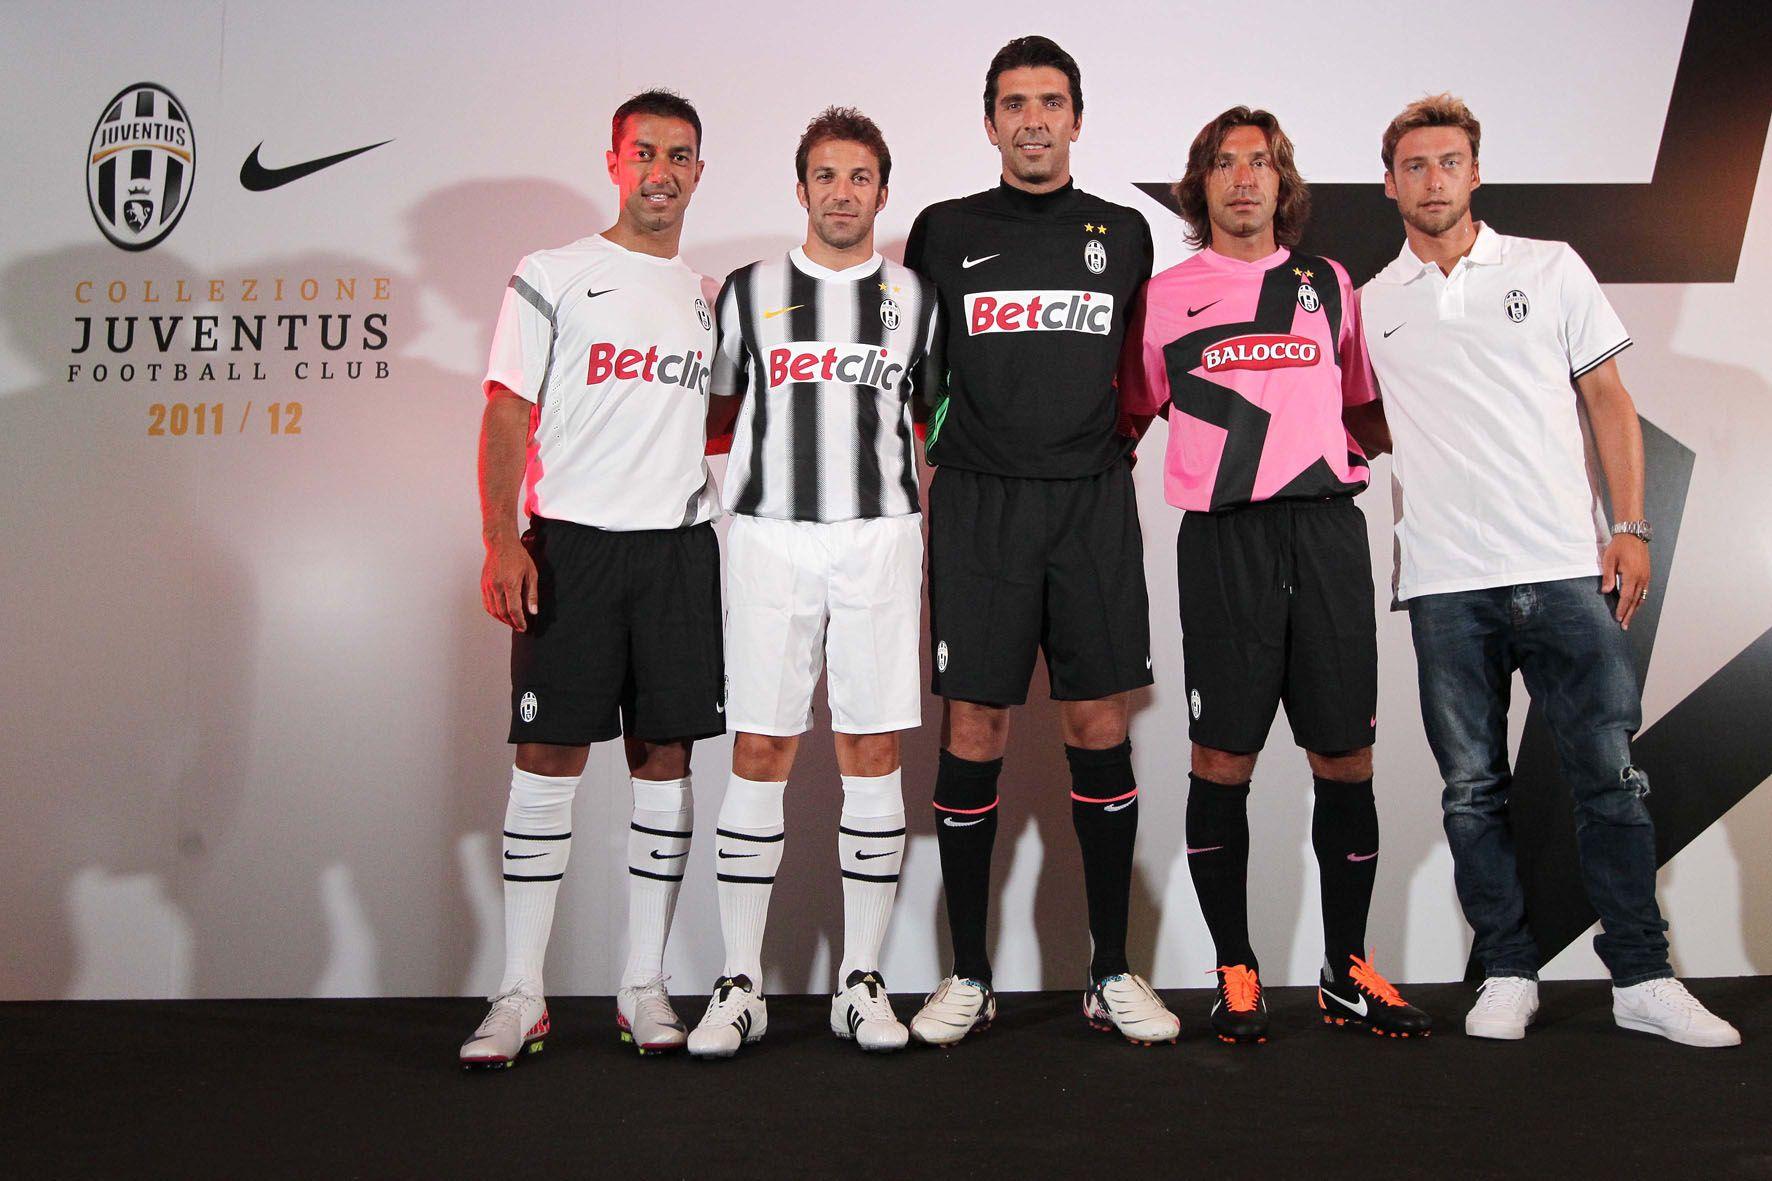 Juventus 2011/12